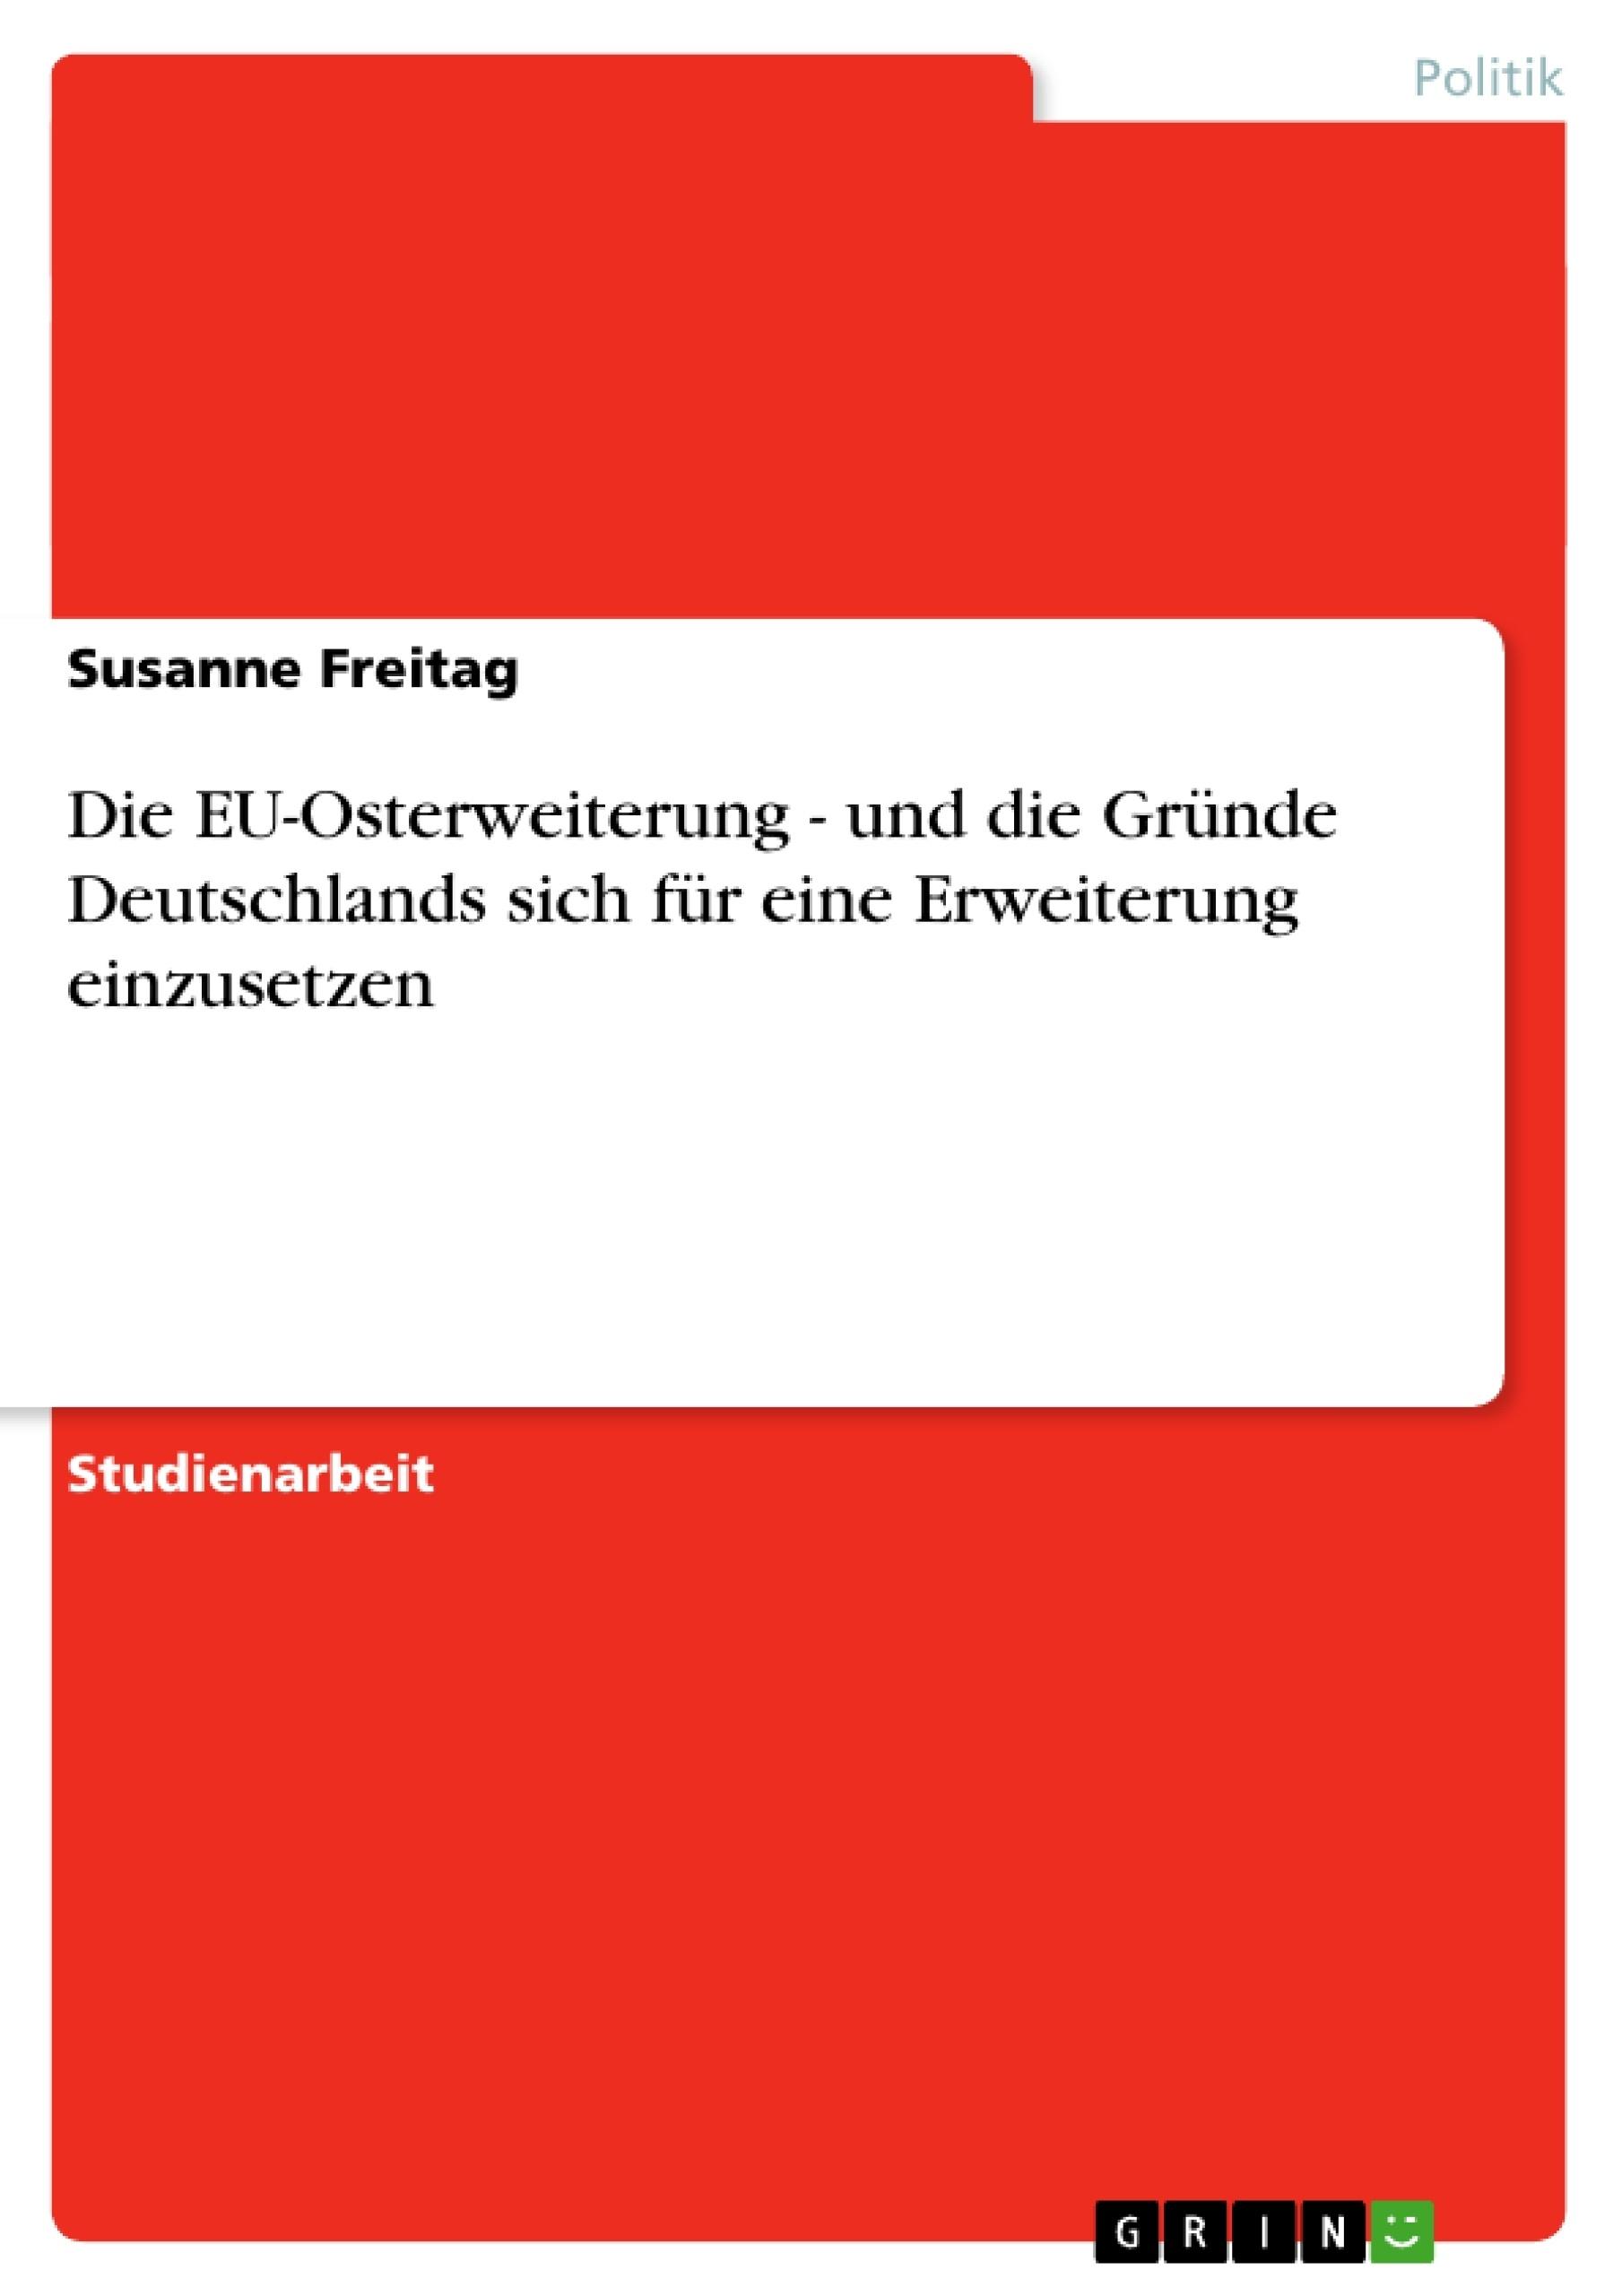 Titel: Die EU-Osterweiterung - und die Gründe Deutschlands sich für eine Erweiterung einzusetzen